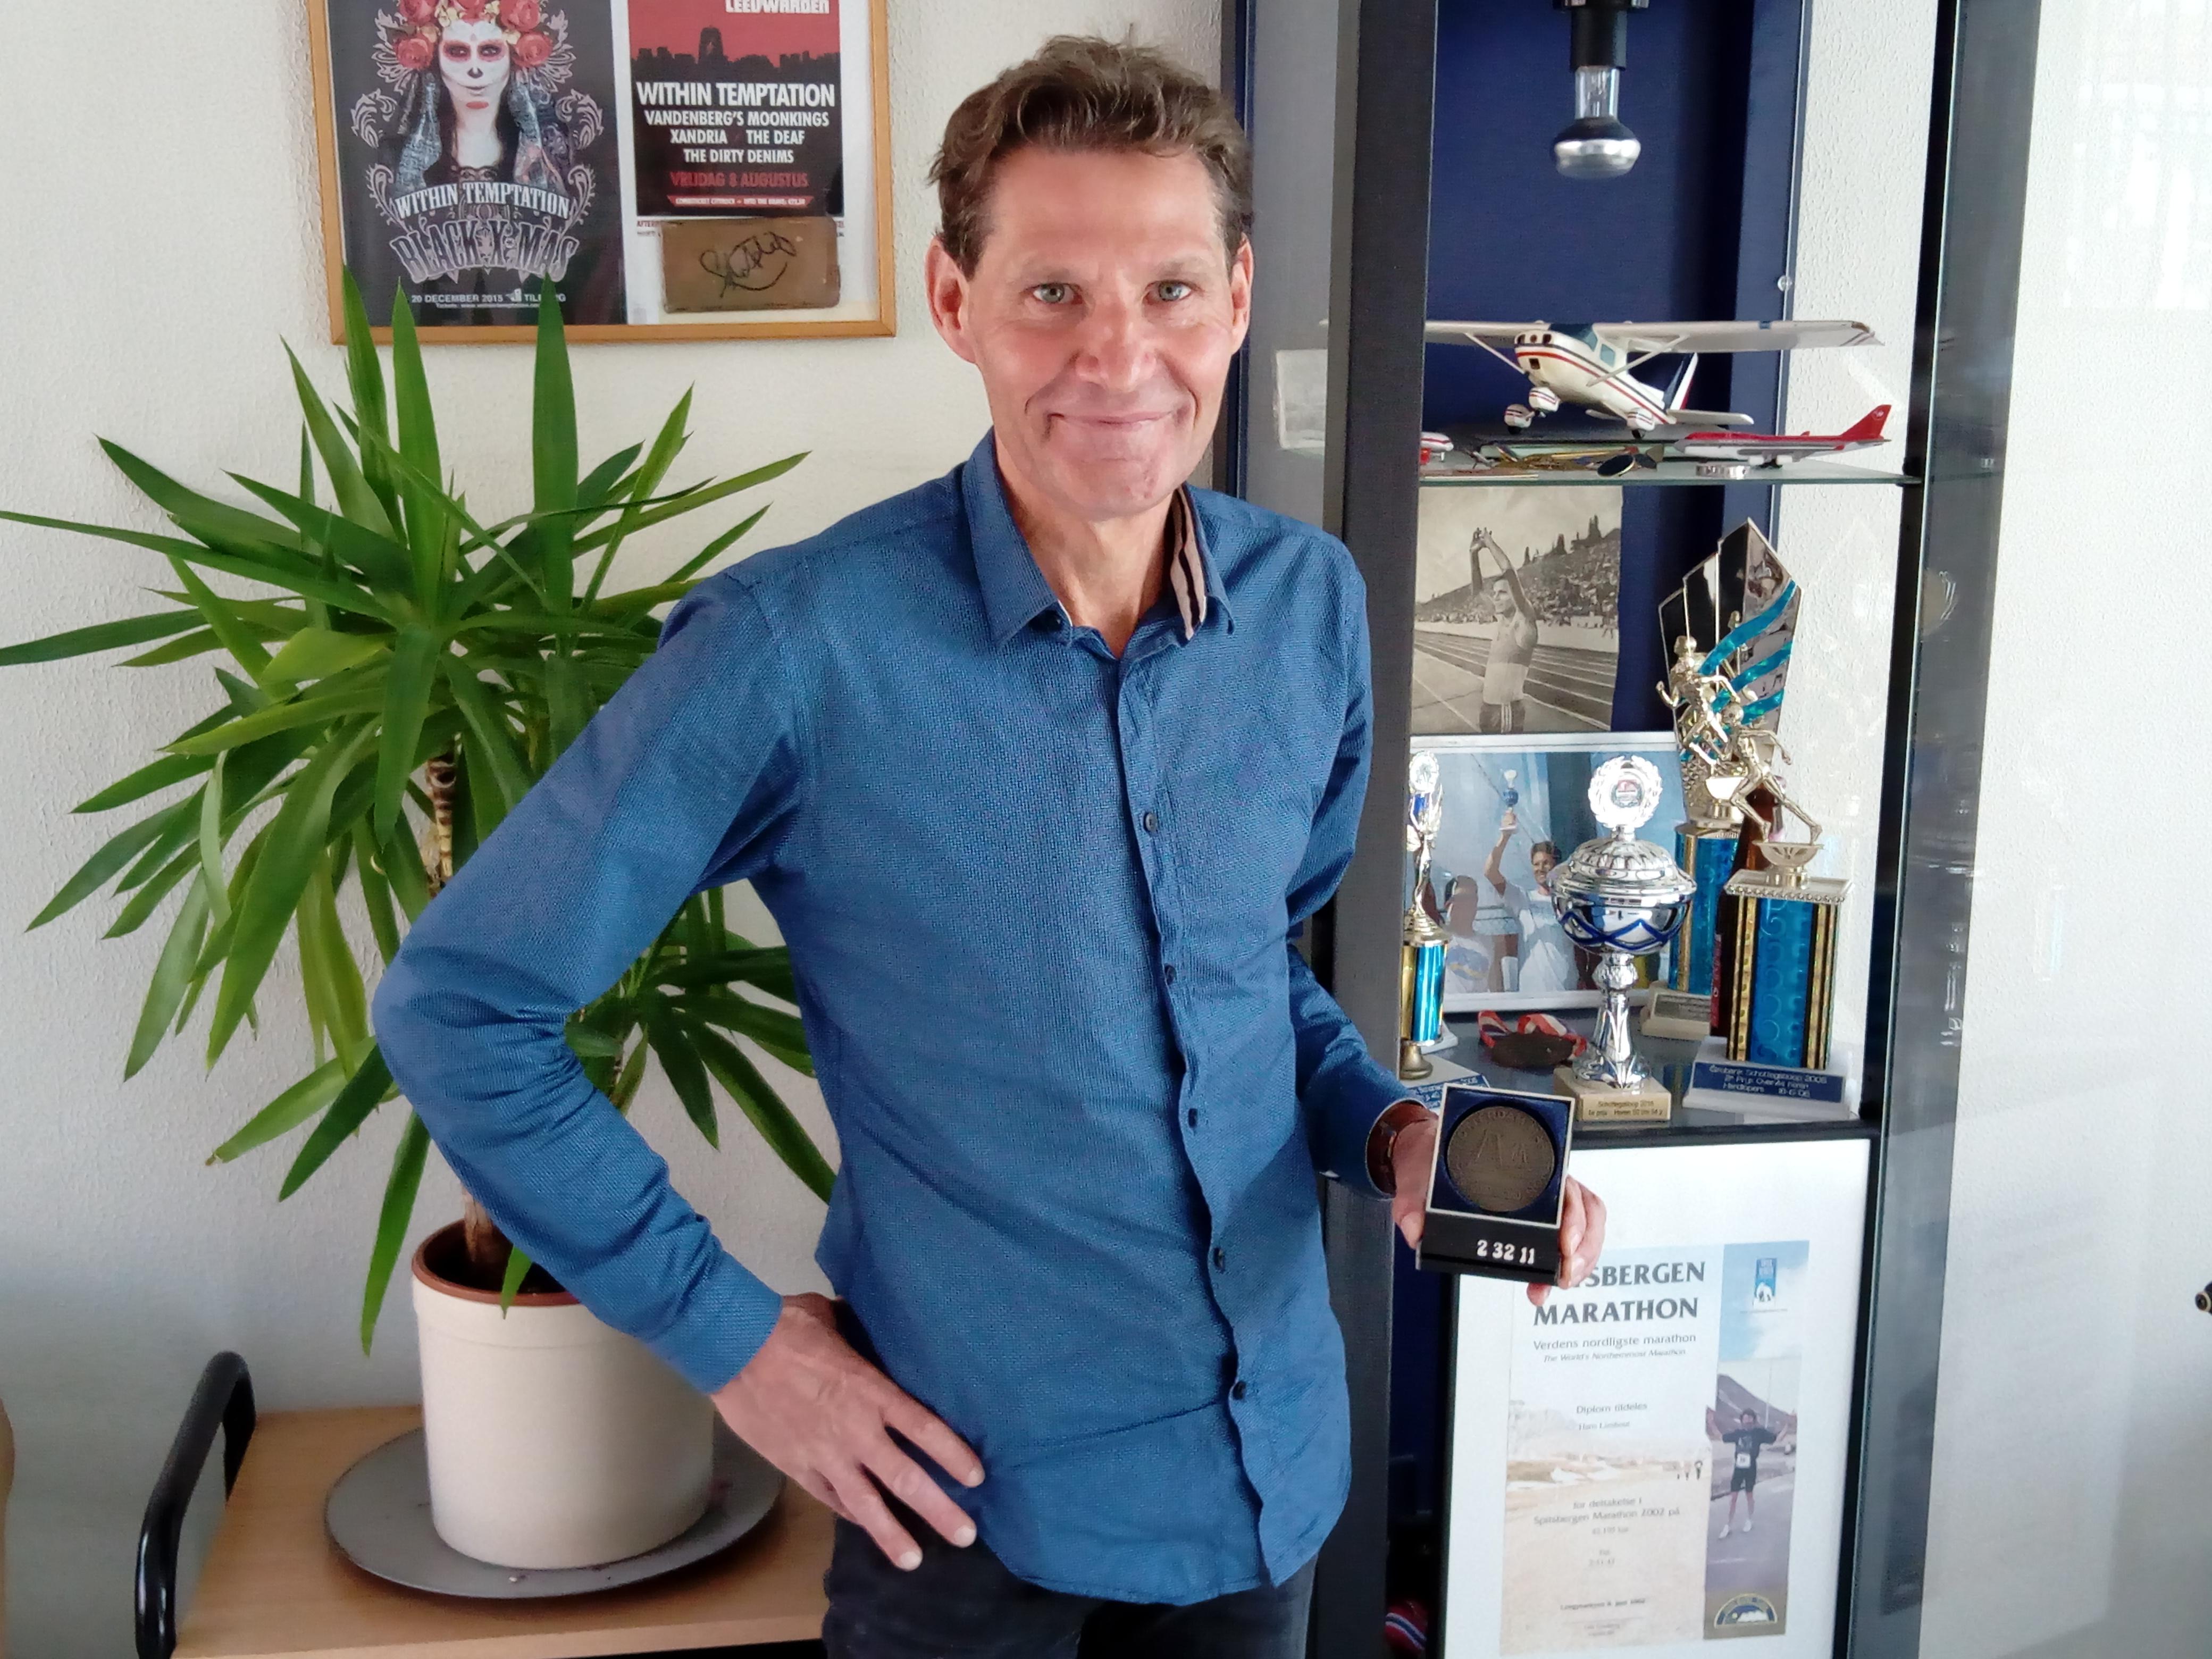 Hans Lieshout koestert dierbare herinneringen aan zijn marathonoverwinning in Spitsbergen (2002) en het gelopen clubrecord (2.32.11) van AV DEM in Rotterdam (1985). (Foto: Bos Media Services)